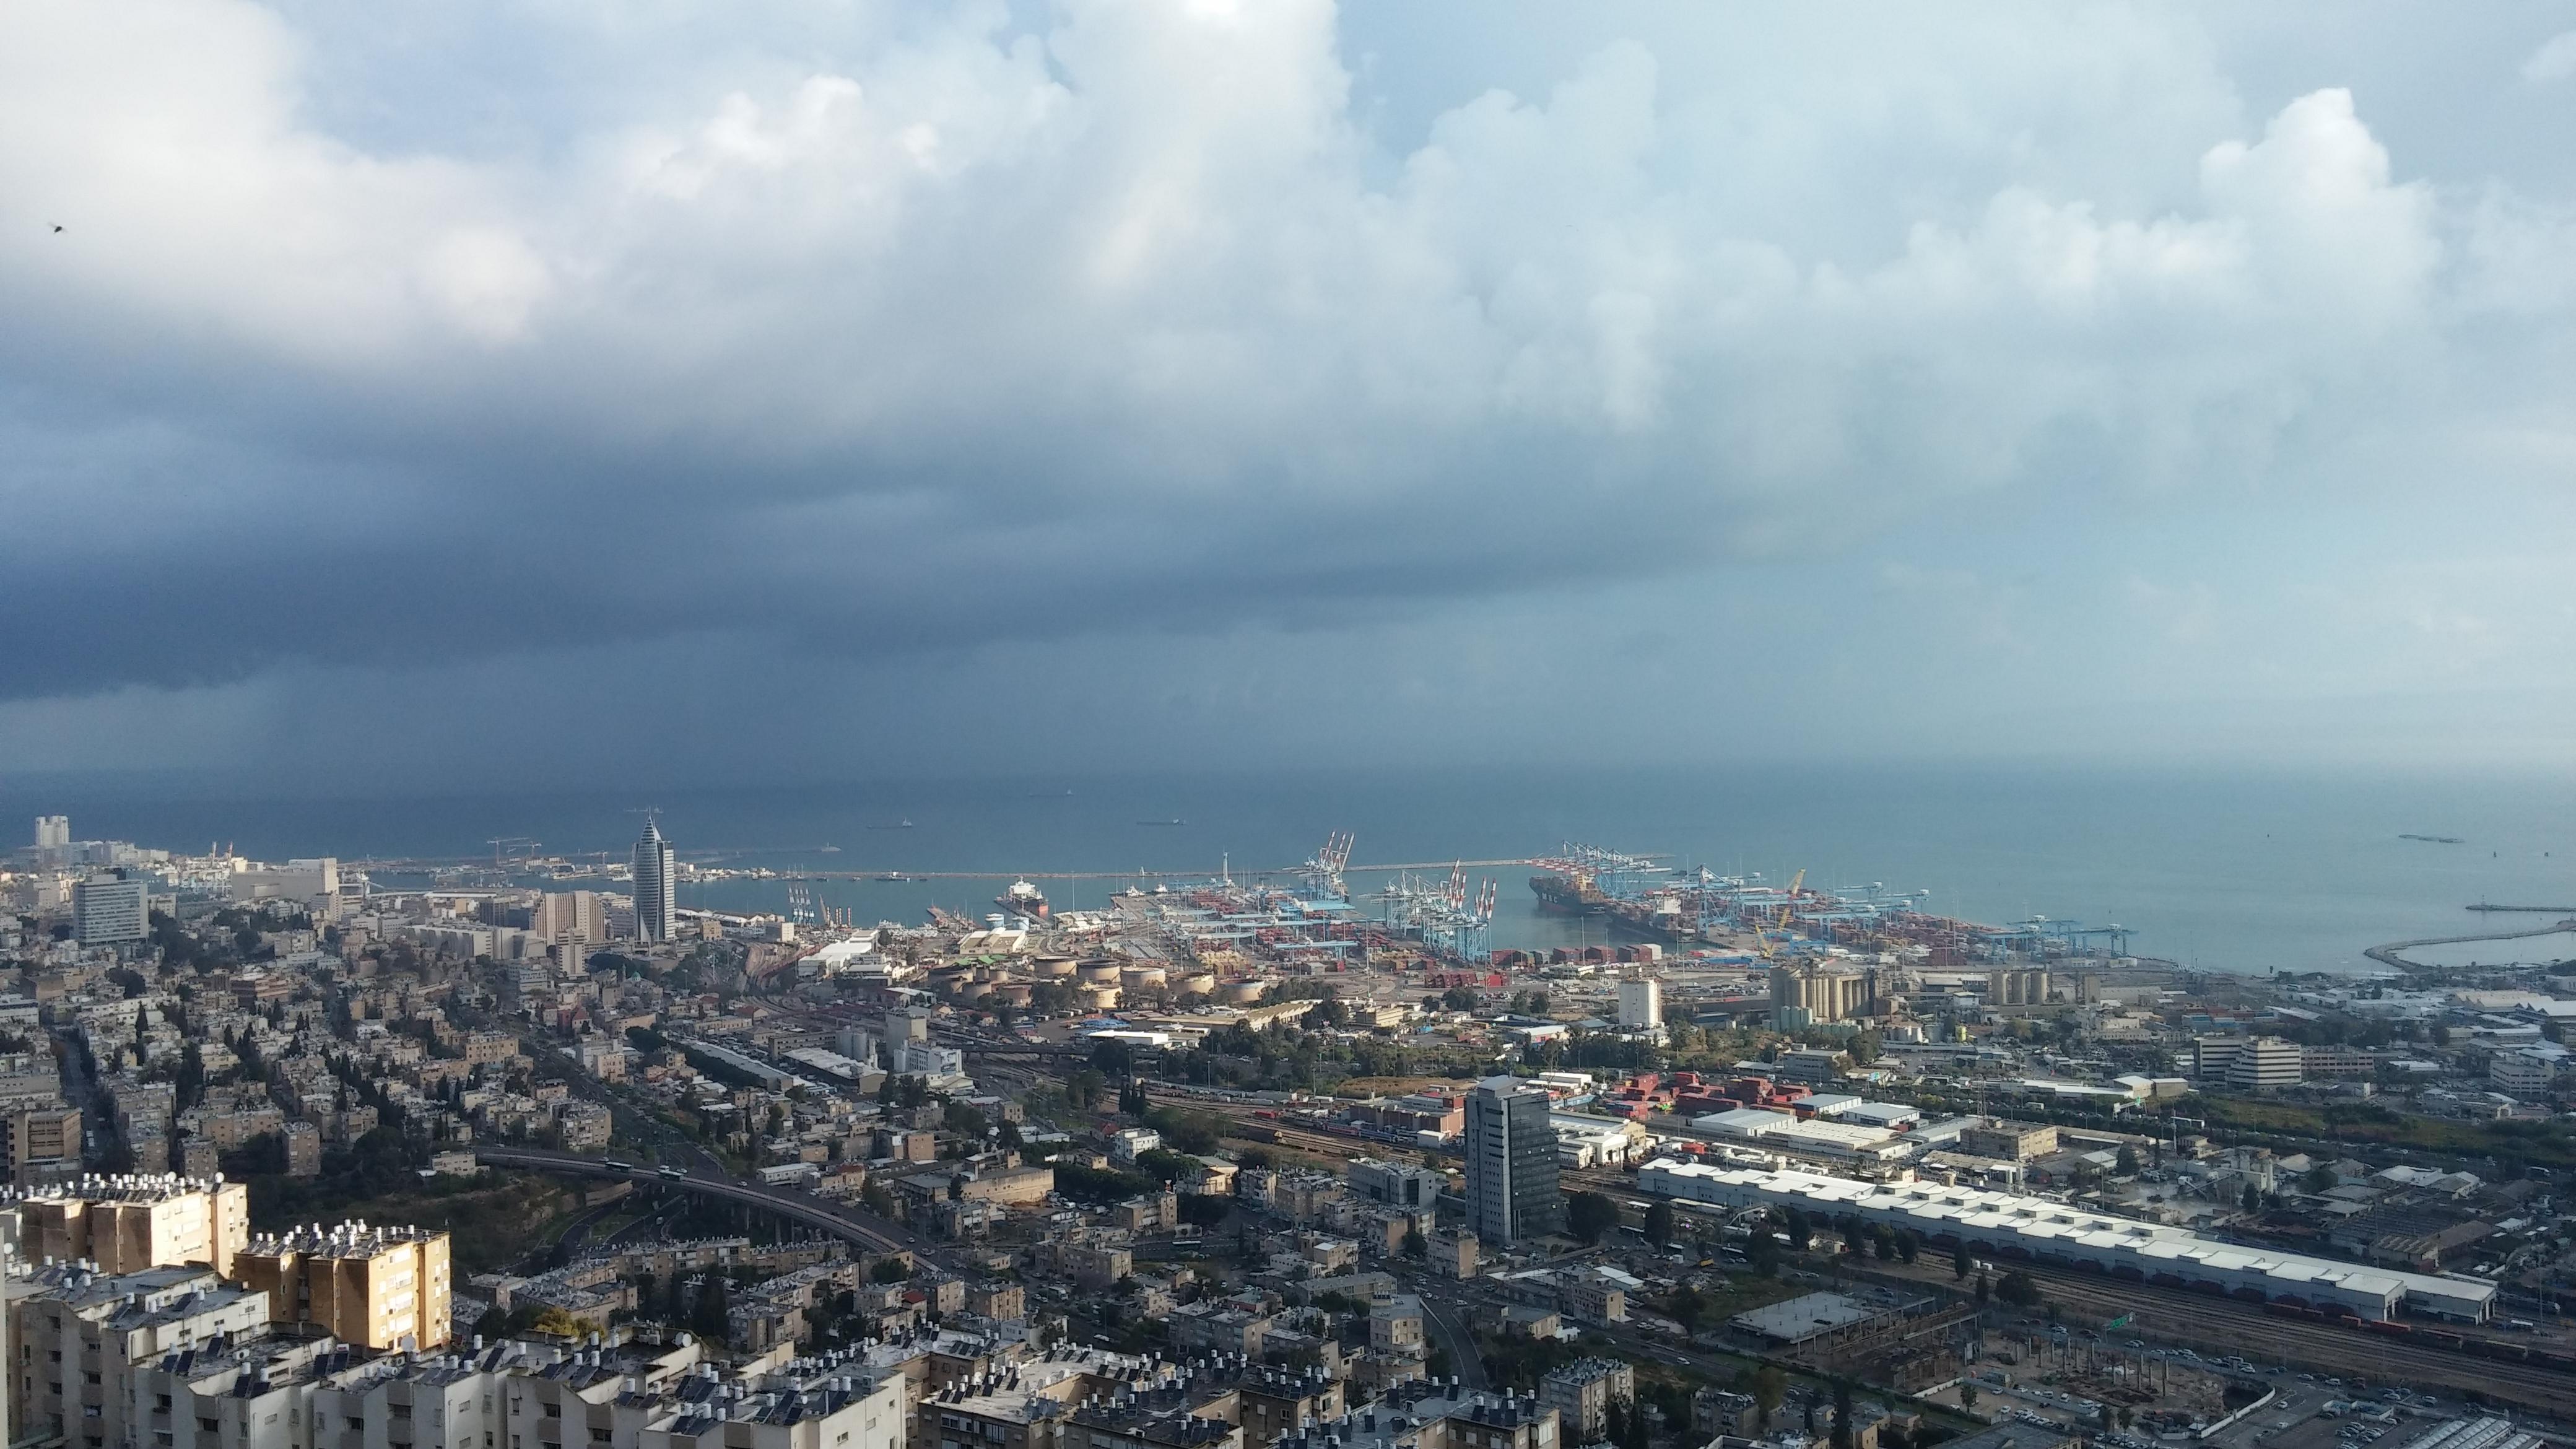 חיפה לצפון מערב צילום: מאיר פלג